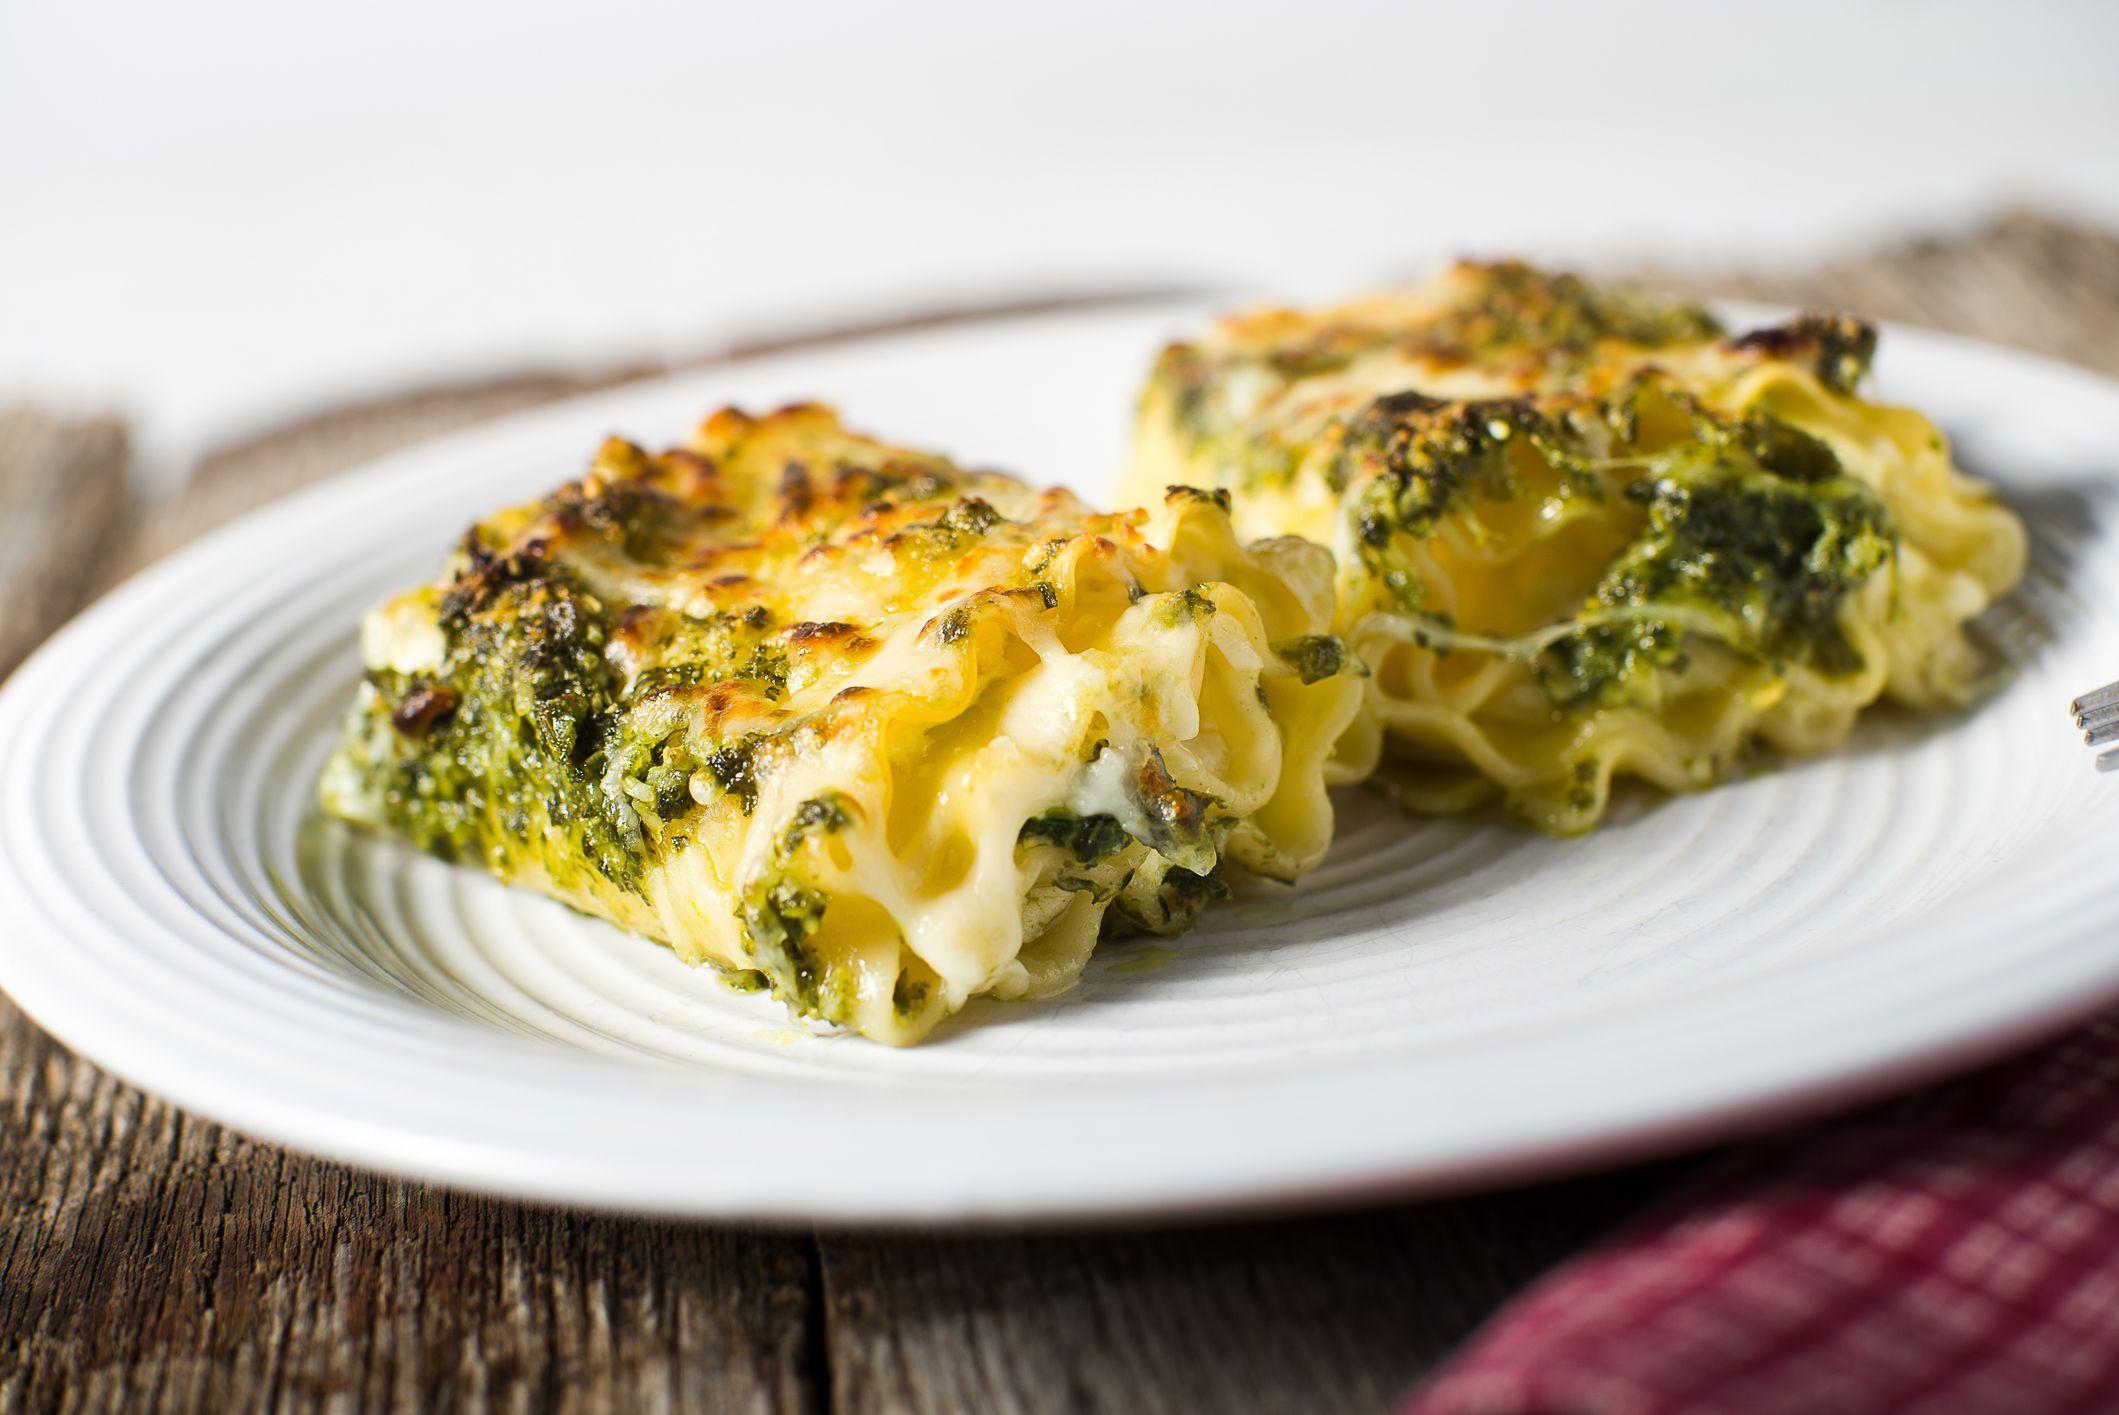 Le lasagne al pesto sono l'alternativa alla ricetta classica perfetta per la primavera, e si fanno così